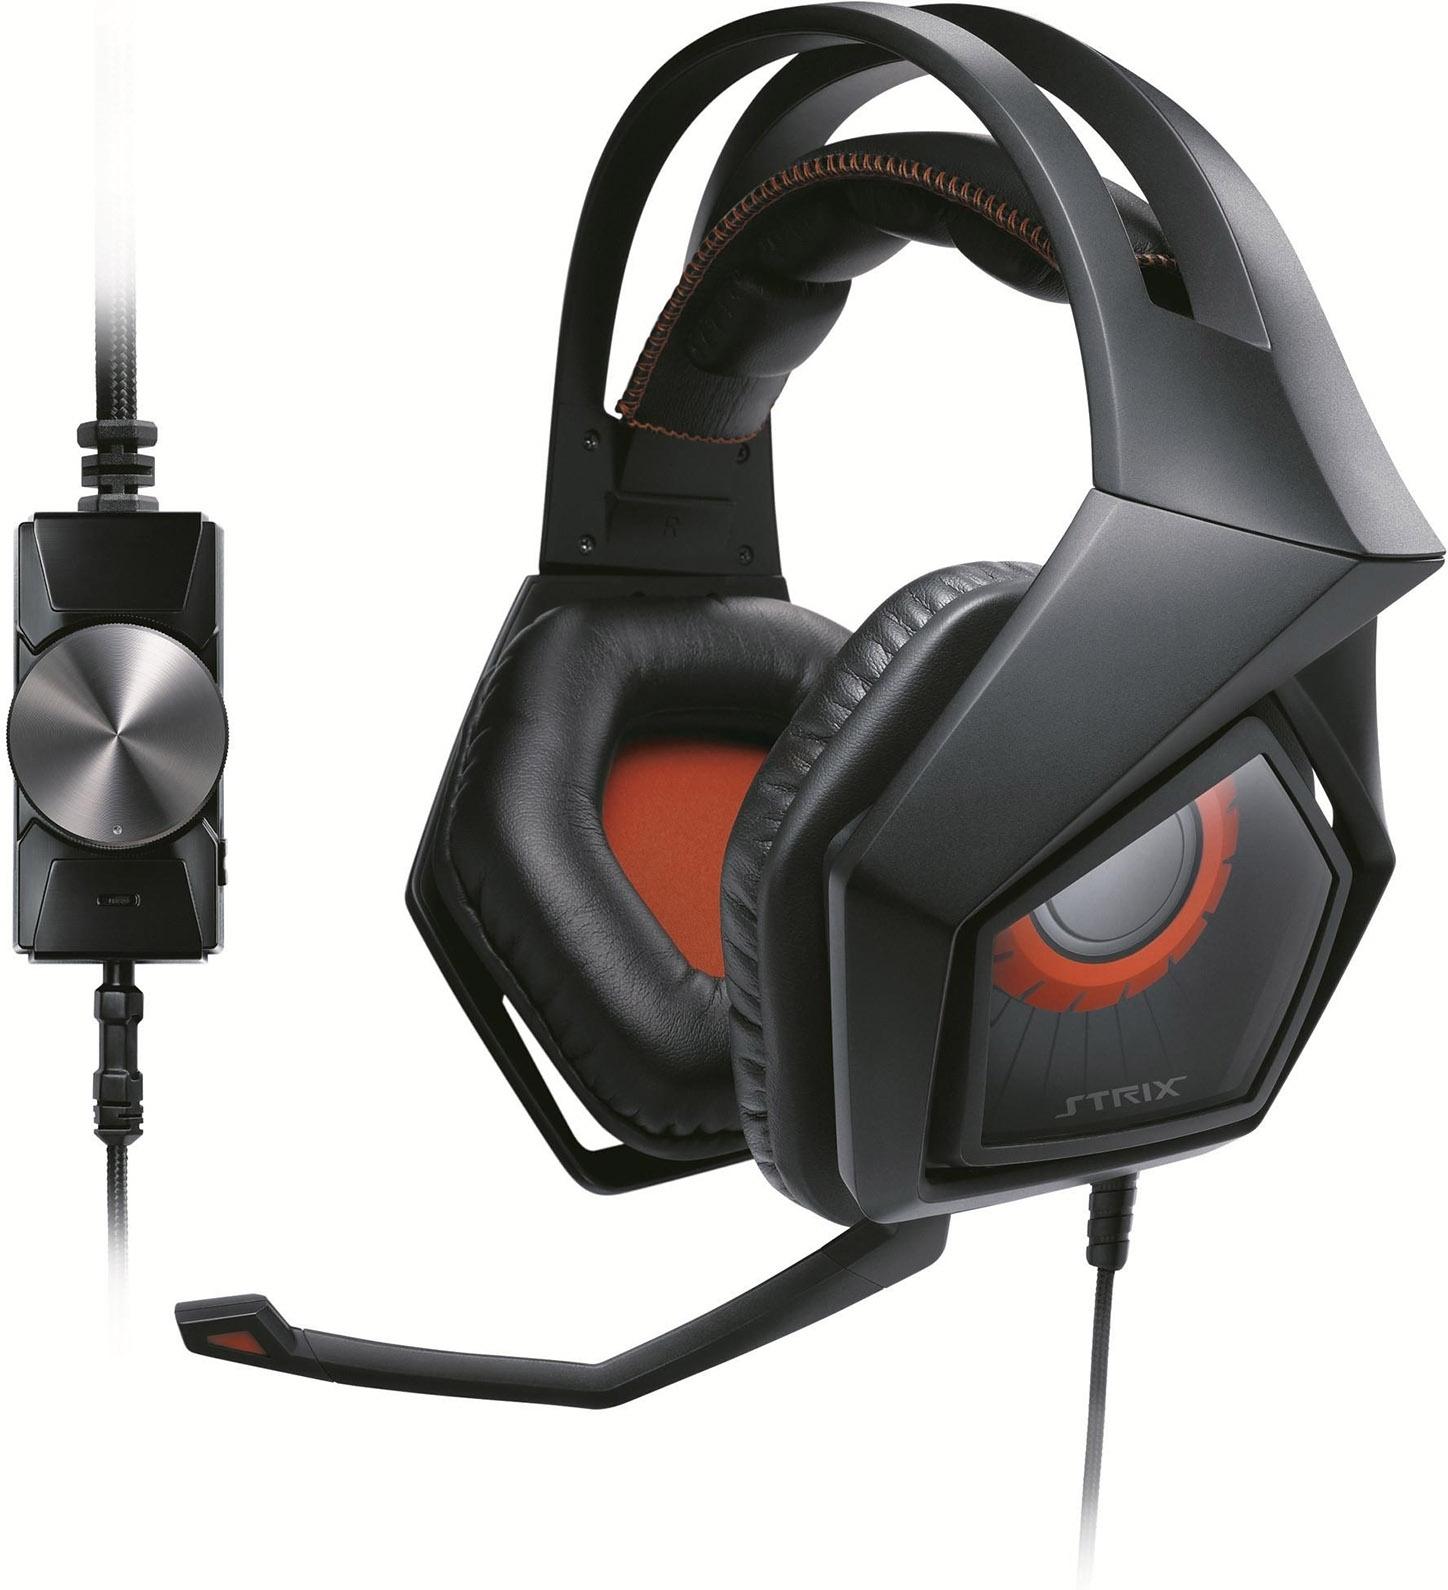 Игровая гарнитура Asus Strix Pro, Black Orange